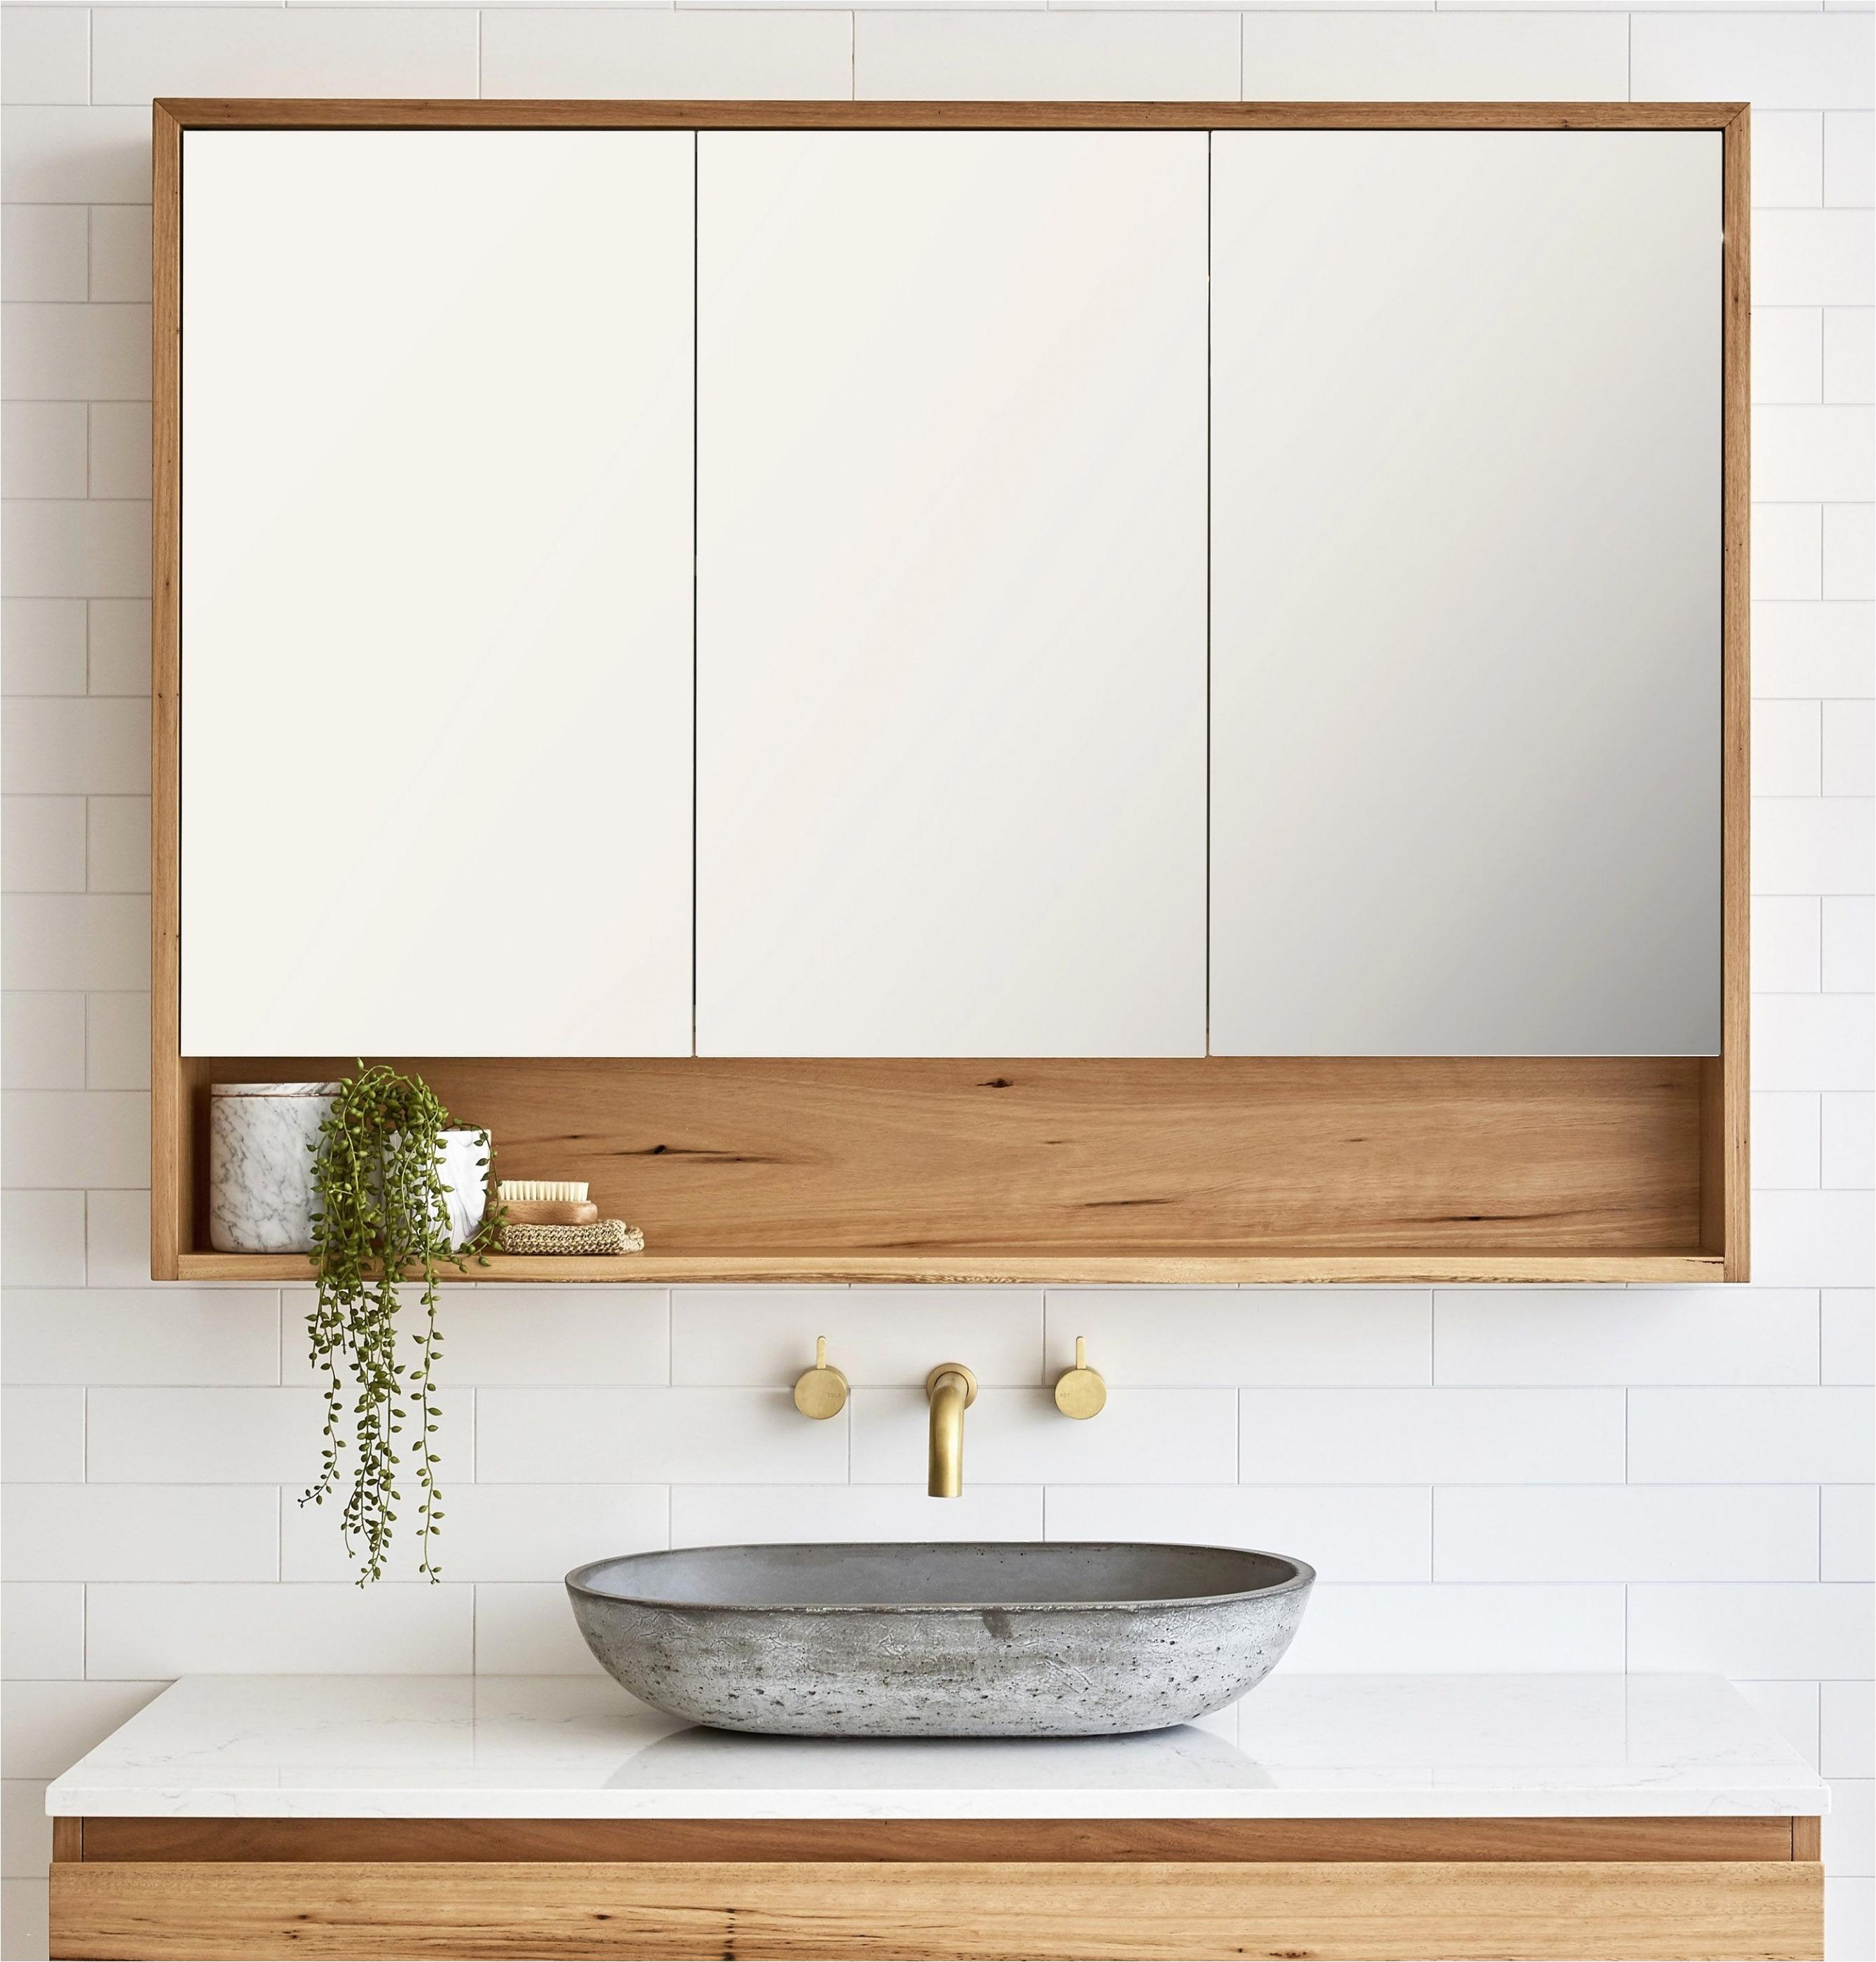 Chandelier Wall Sconce Staggering Bathroom Light Bar Fixtures New Houzz Lighting Fixtures Lighting 0d